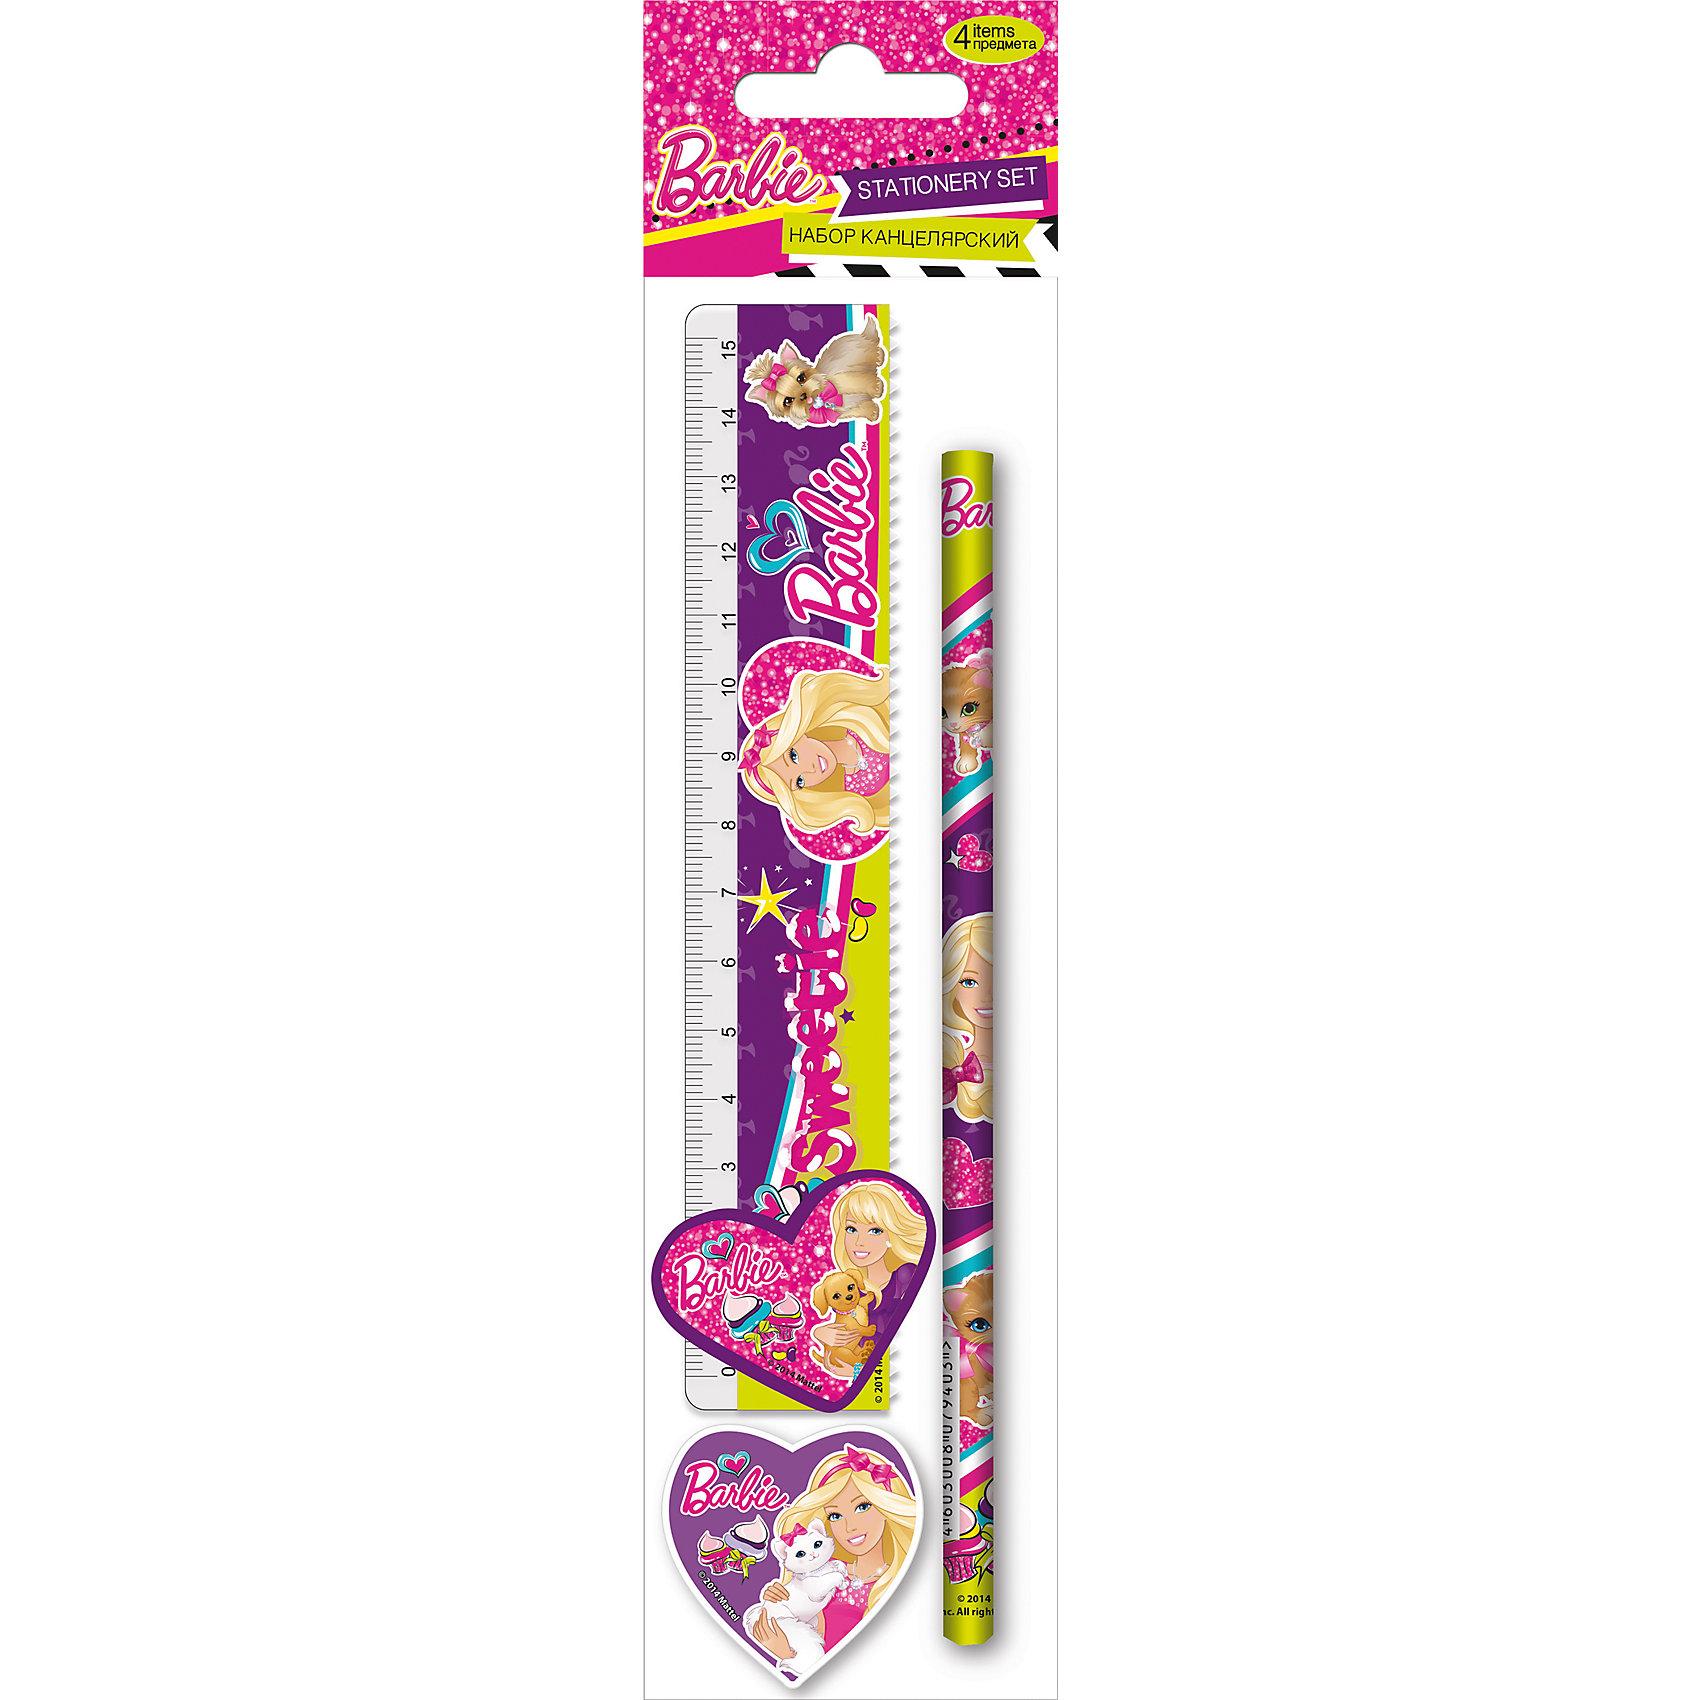 Академия групп Канцелярский набор (4 предмета), Barbie академия групп канцелярский набор точилка ластик barbie